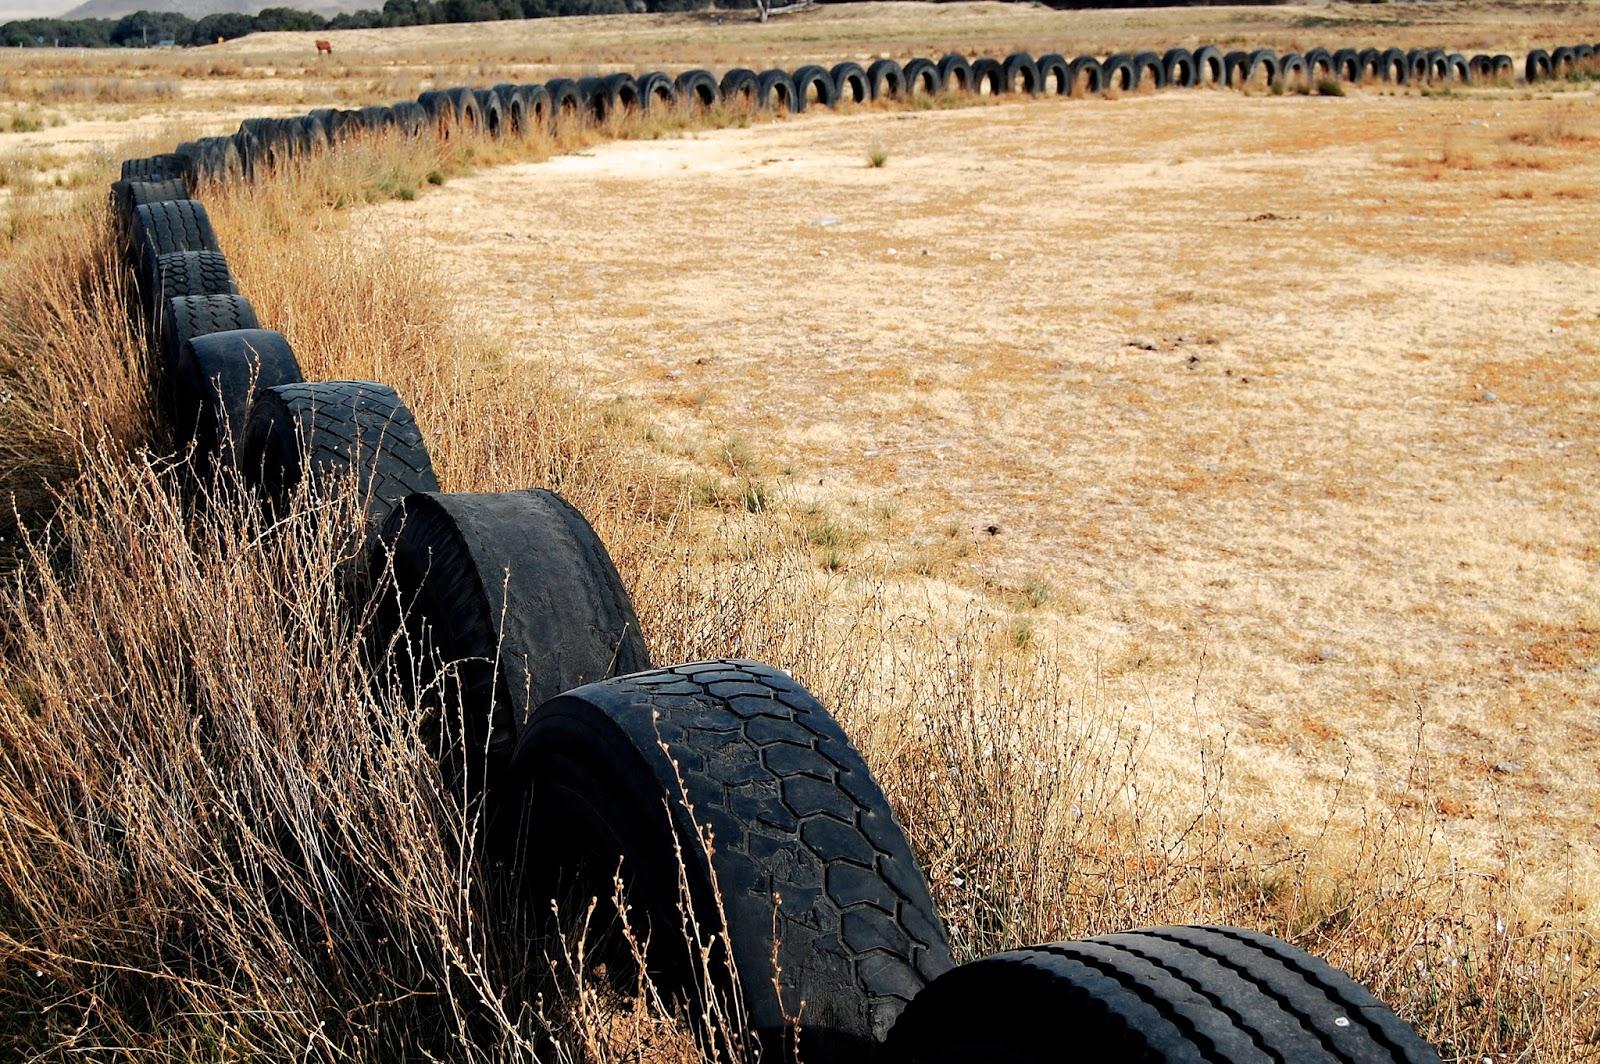 Ein Feld mit einem Ring aus mehreren Reifen